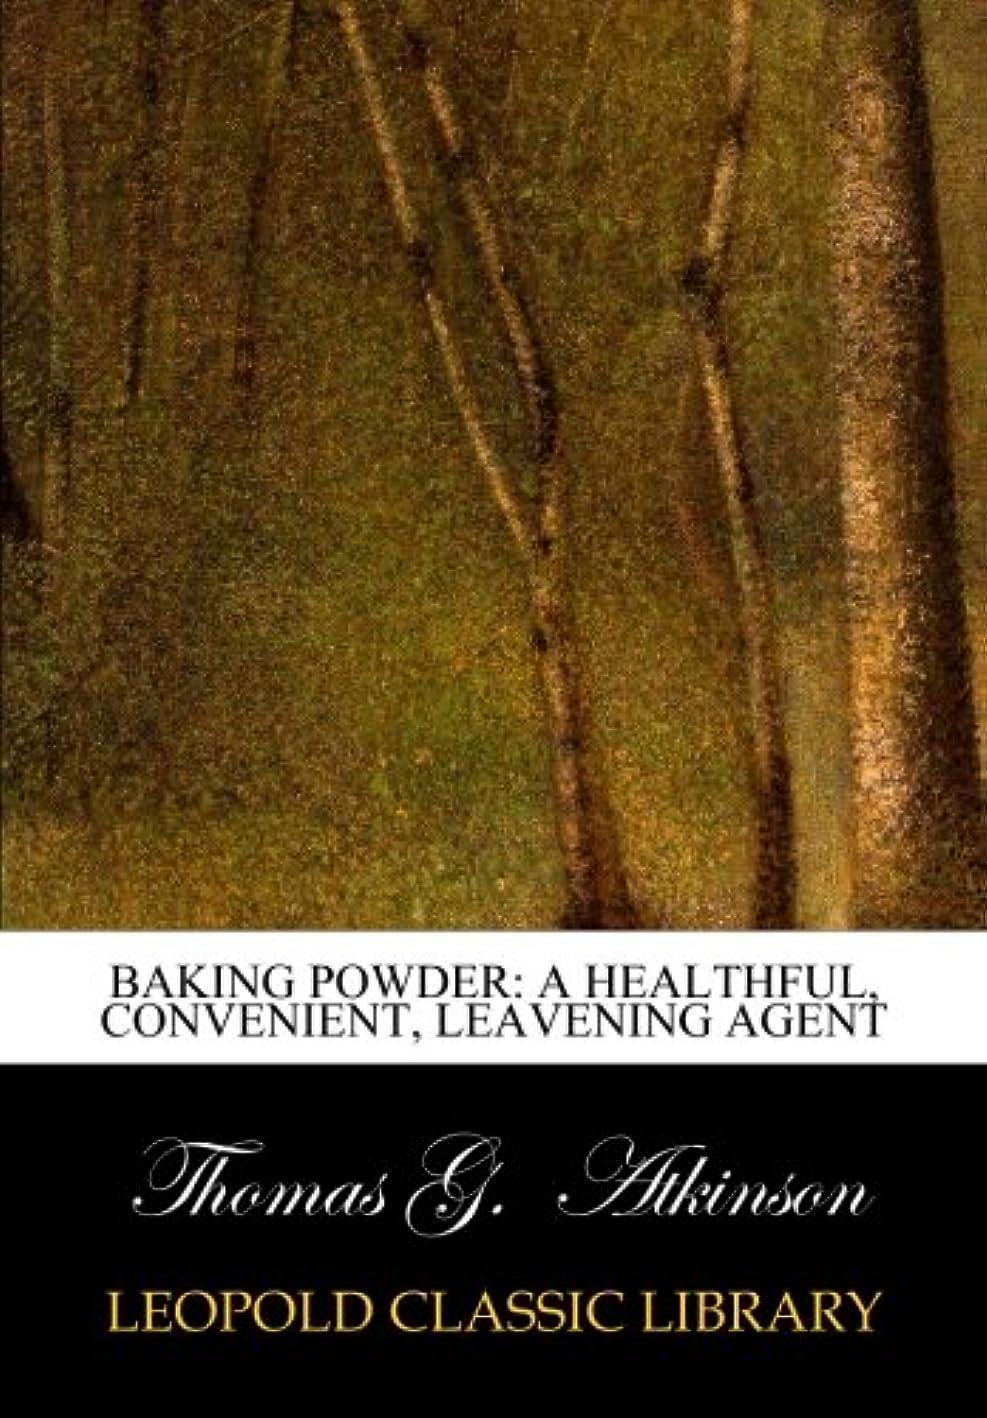 血学校教育スマートBaking Powder: A Healthful, Convenient, Leavening Agent